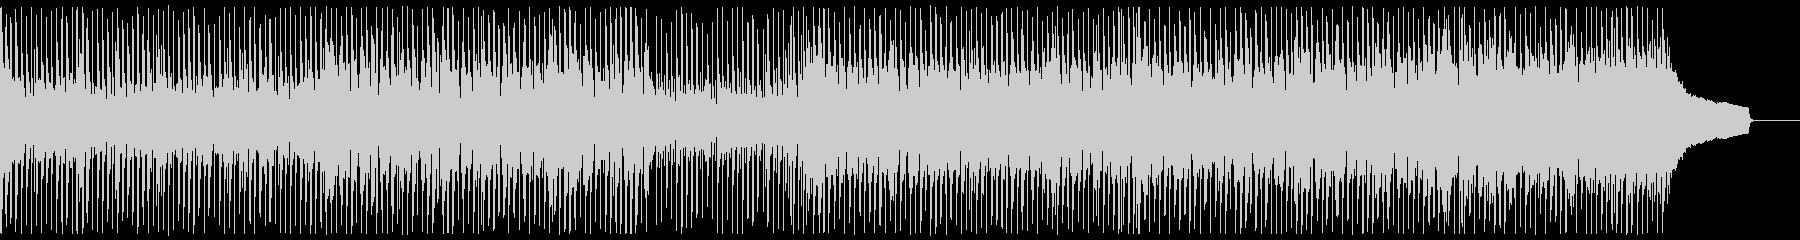 【メロディ抜き】アップテンポなほがらか…の未再生の波形